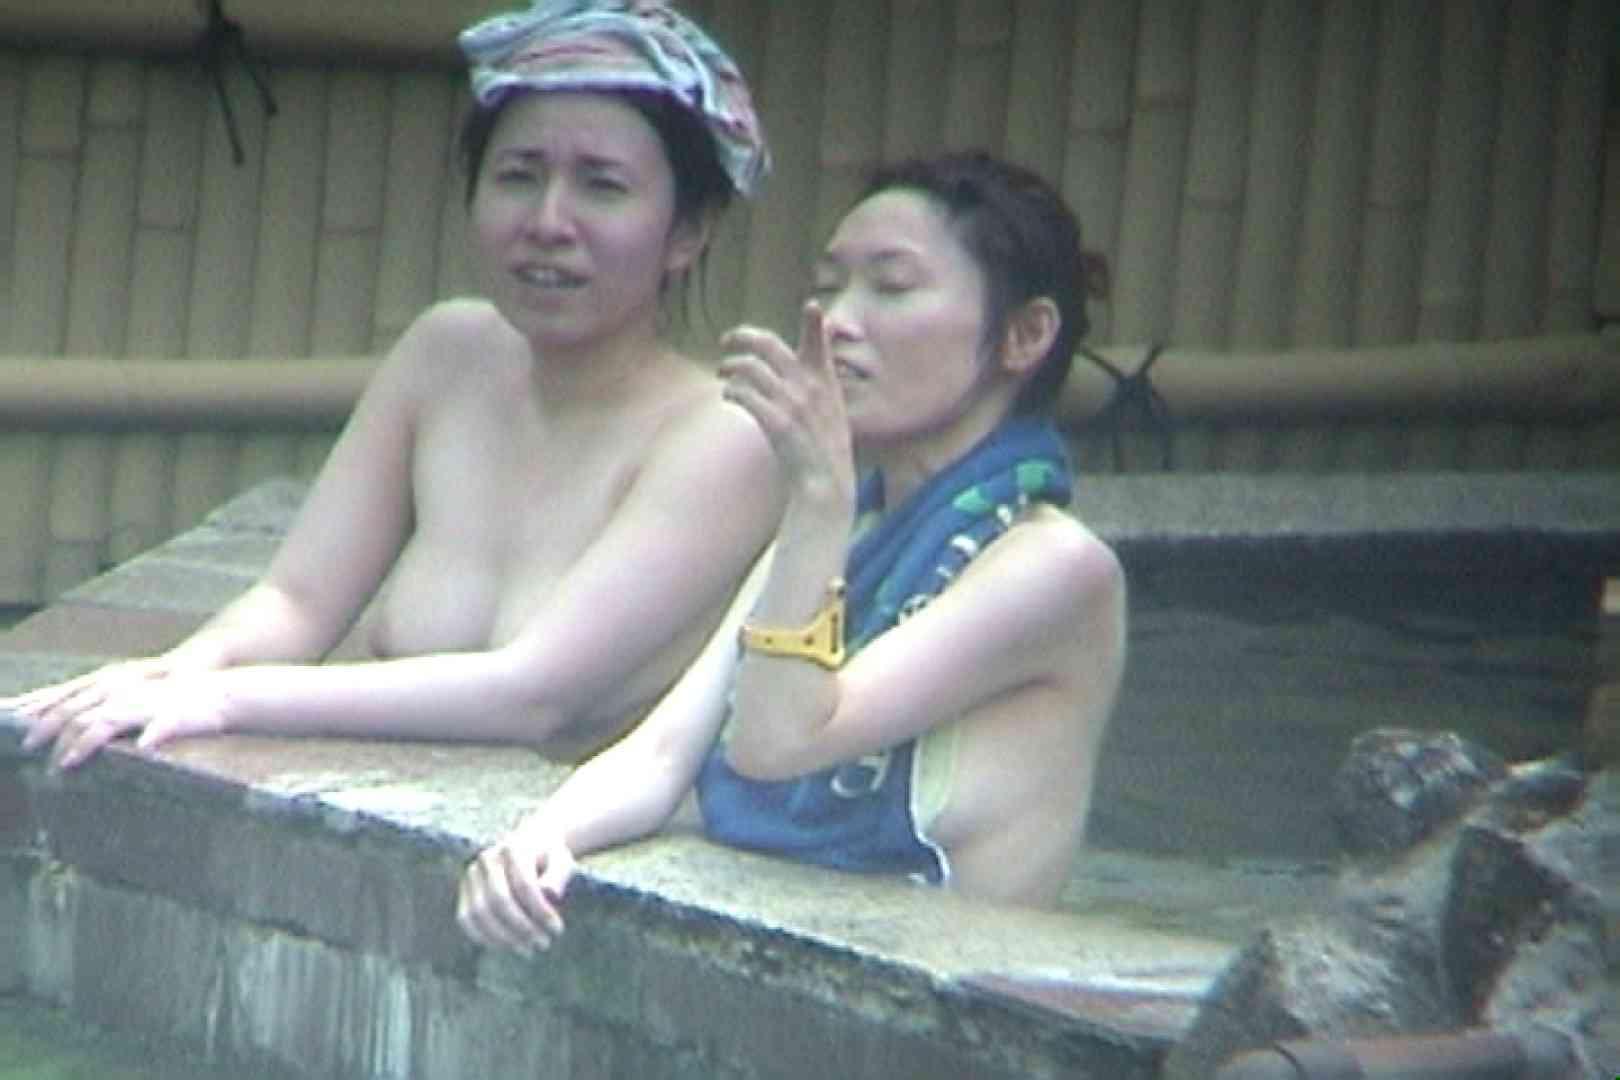 Aquaな露天風呂Vol.106 露天 | 盗撮  51画像 1